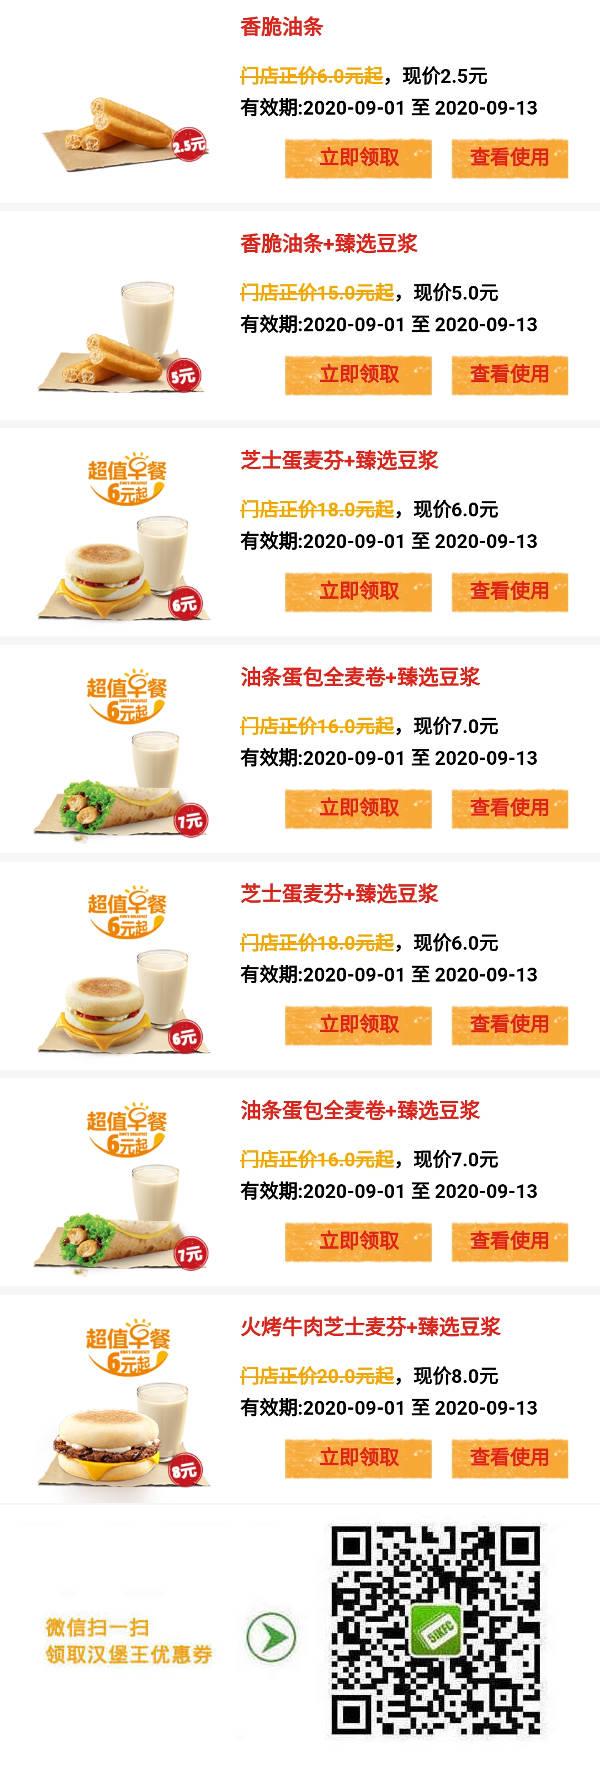 汉堡王早餐优惠券2020年9月领取,BK早餐优惠价2.5元起